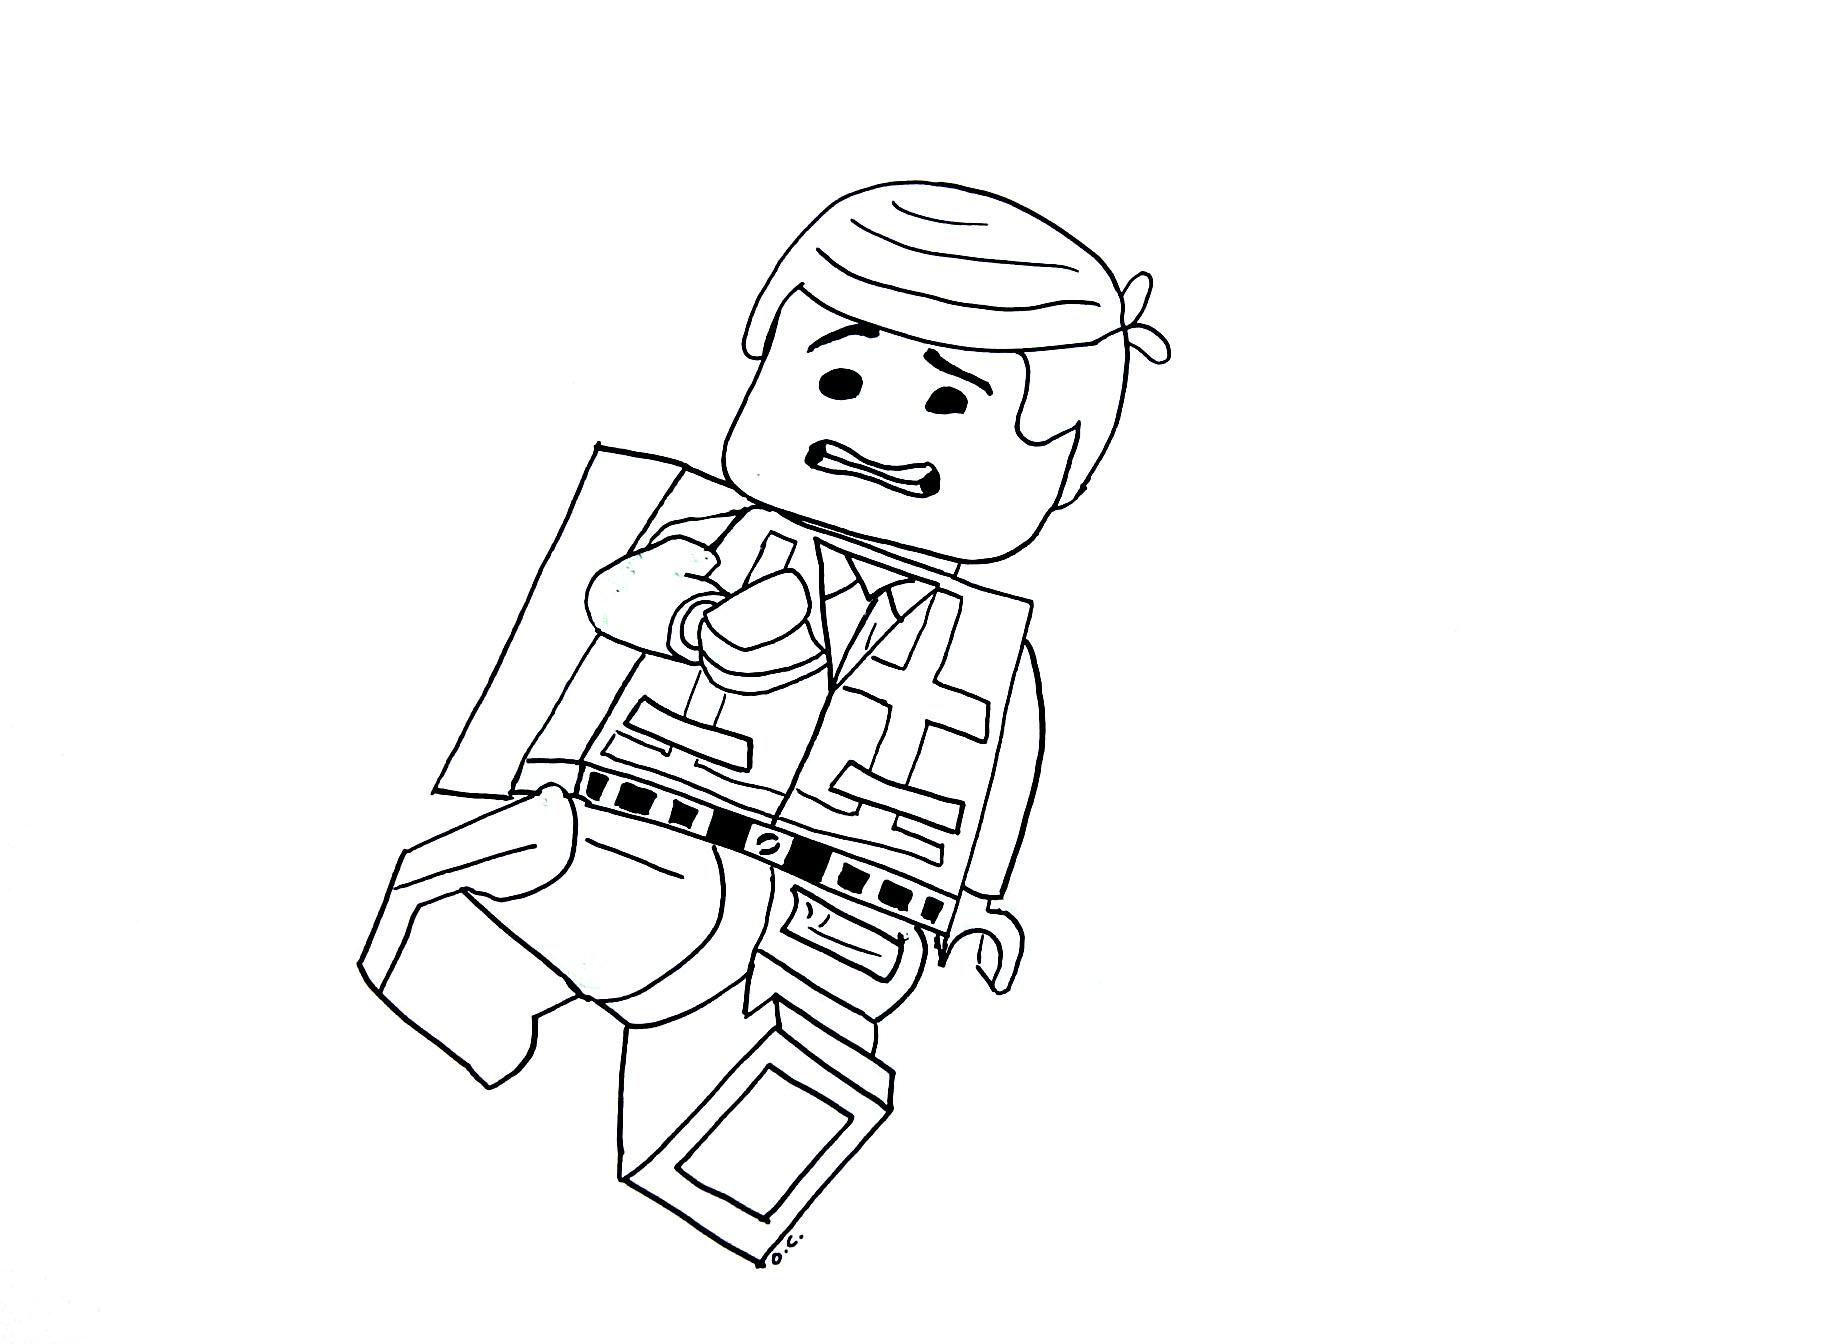 Lego la grande aventure coloriage legos coloriages - Lego coloriage ...